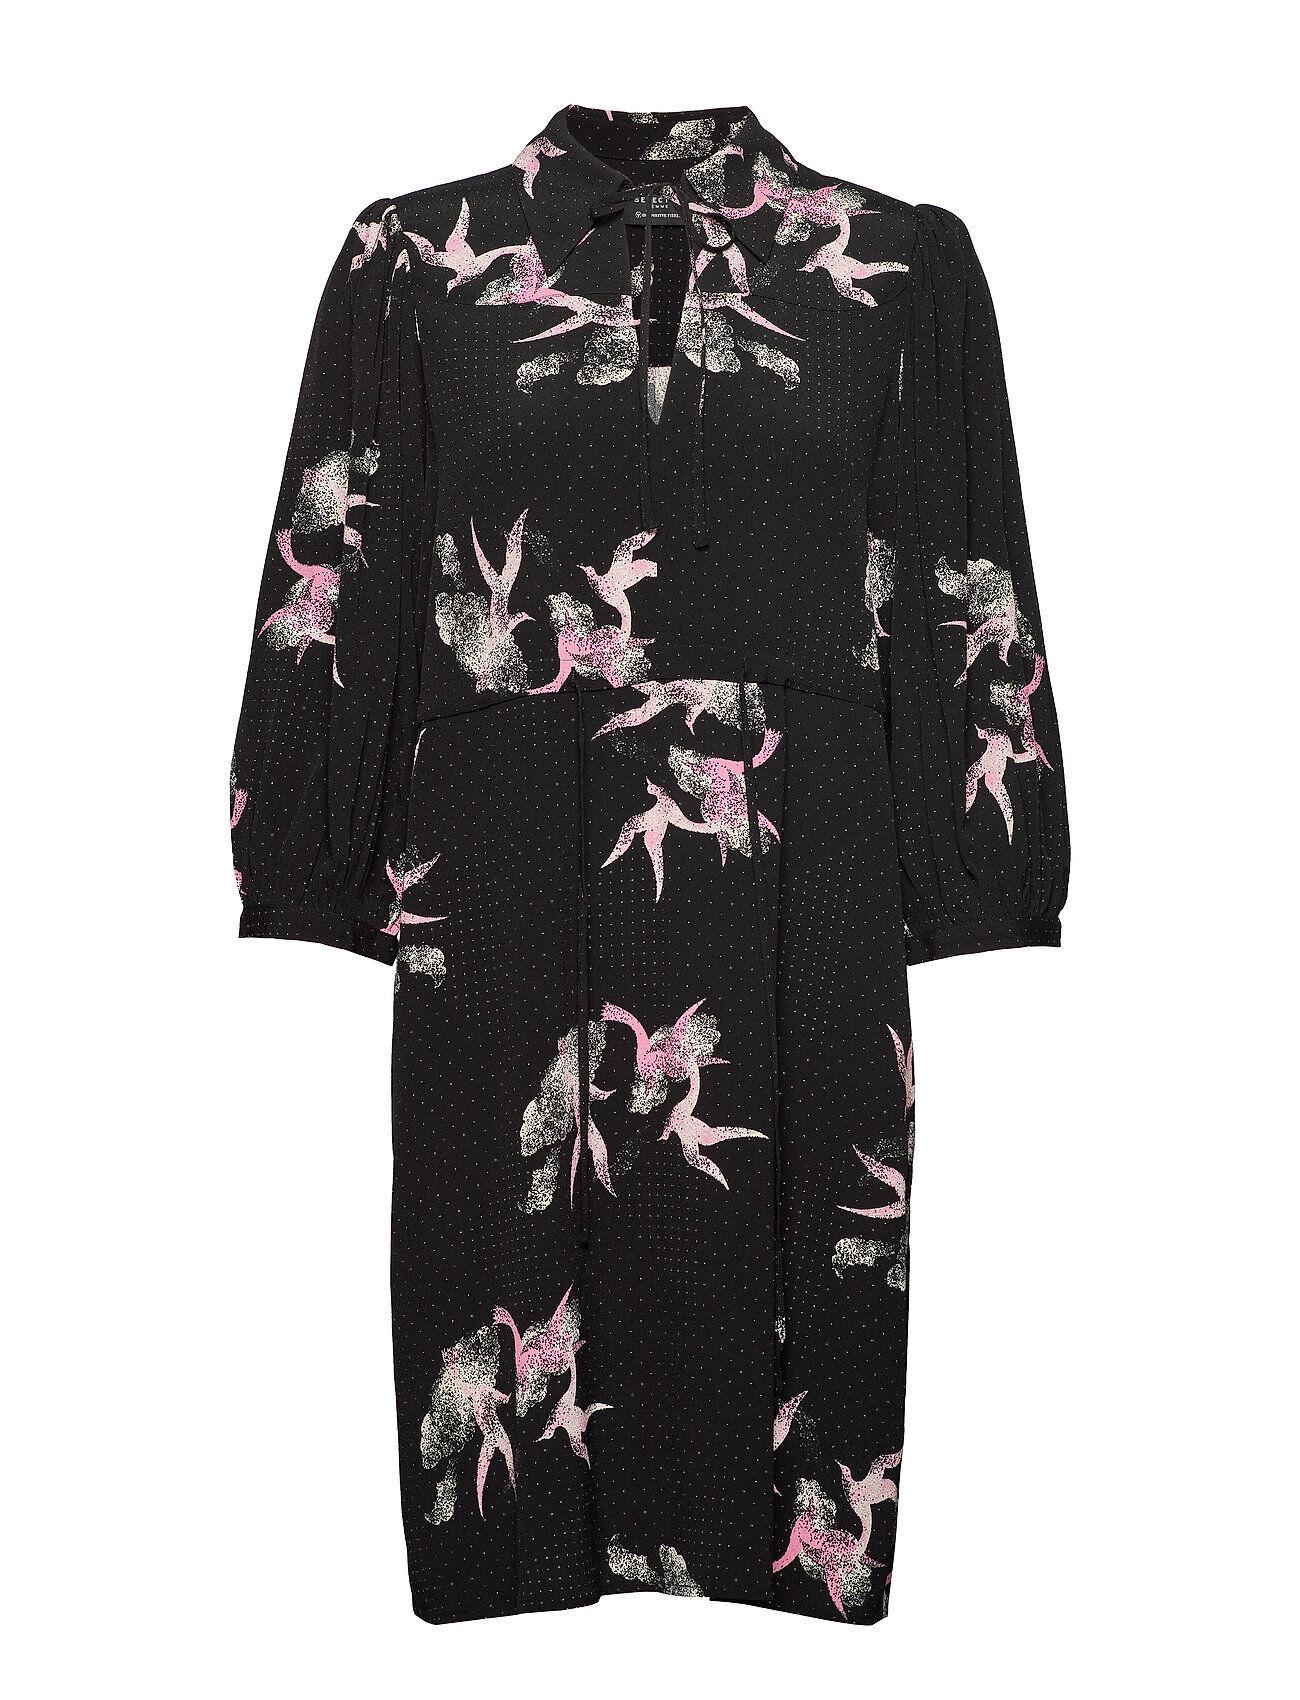 Selected Femme Slfallison-Damina 3/4 Aop Short Dress B Polvipituinen Mekko Musta Selected Femme